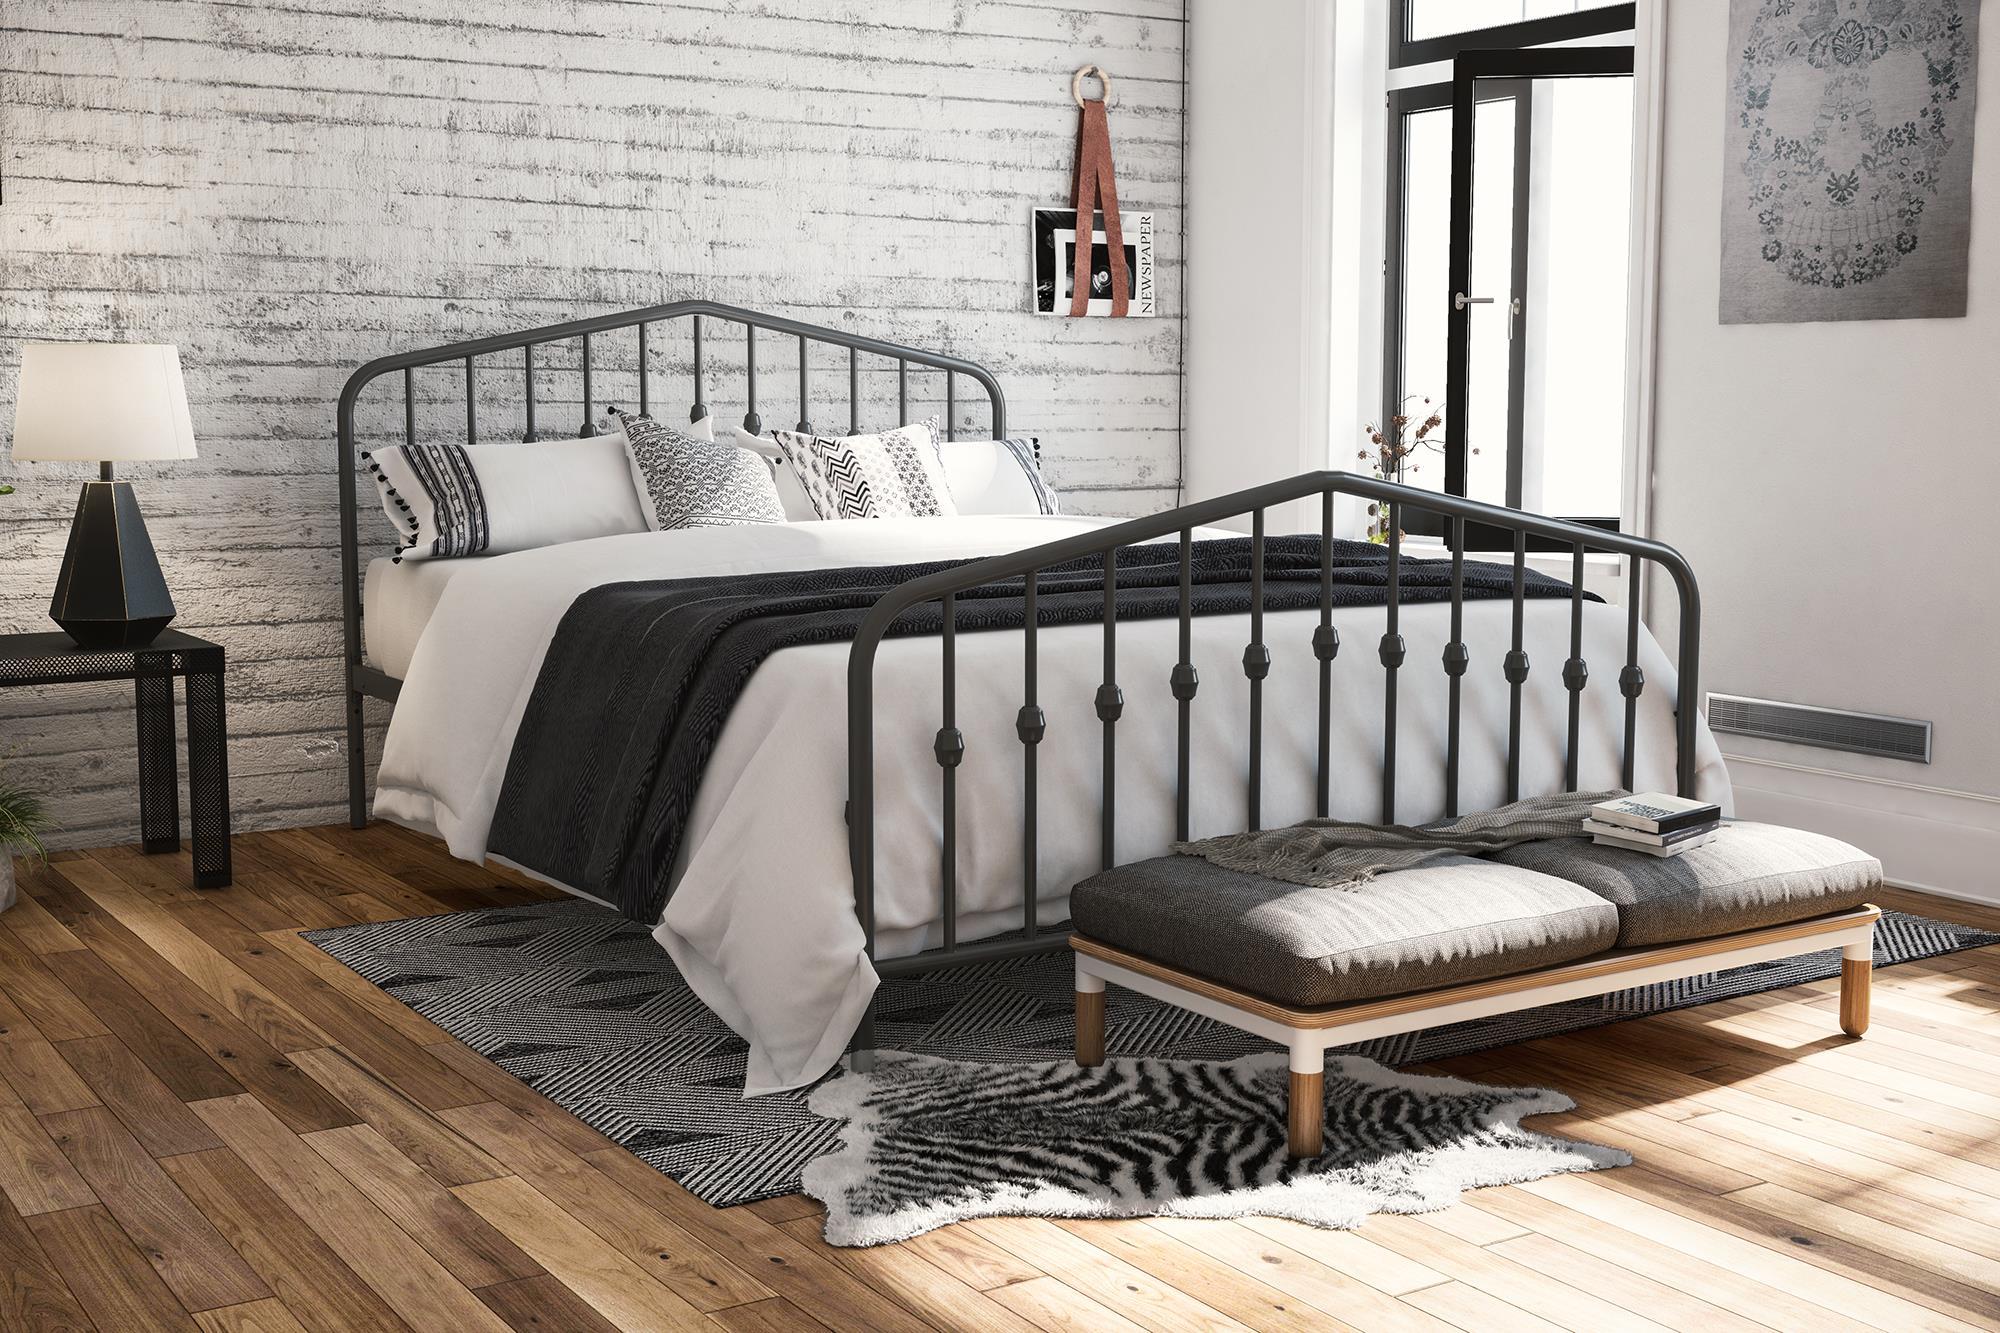 Novogratz Bushwick Metal Bed in Gray, Queen Size - Walmart.com